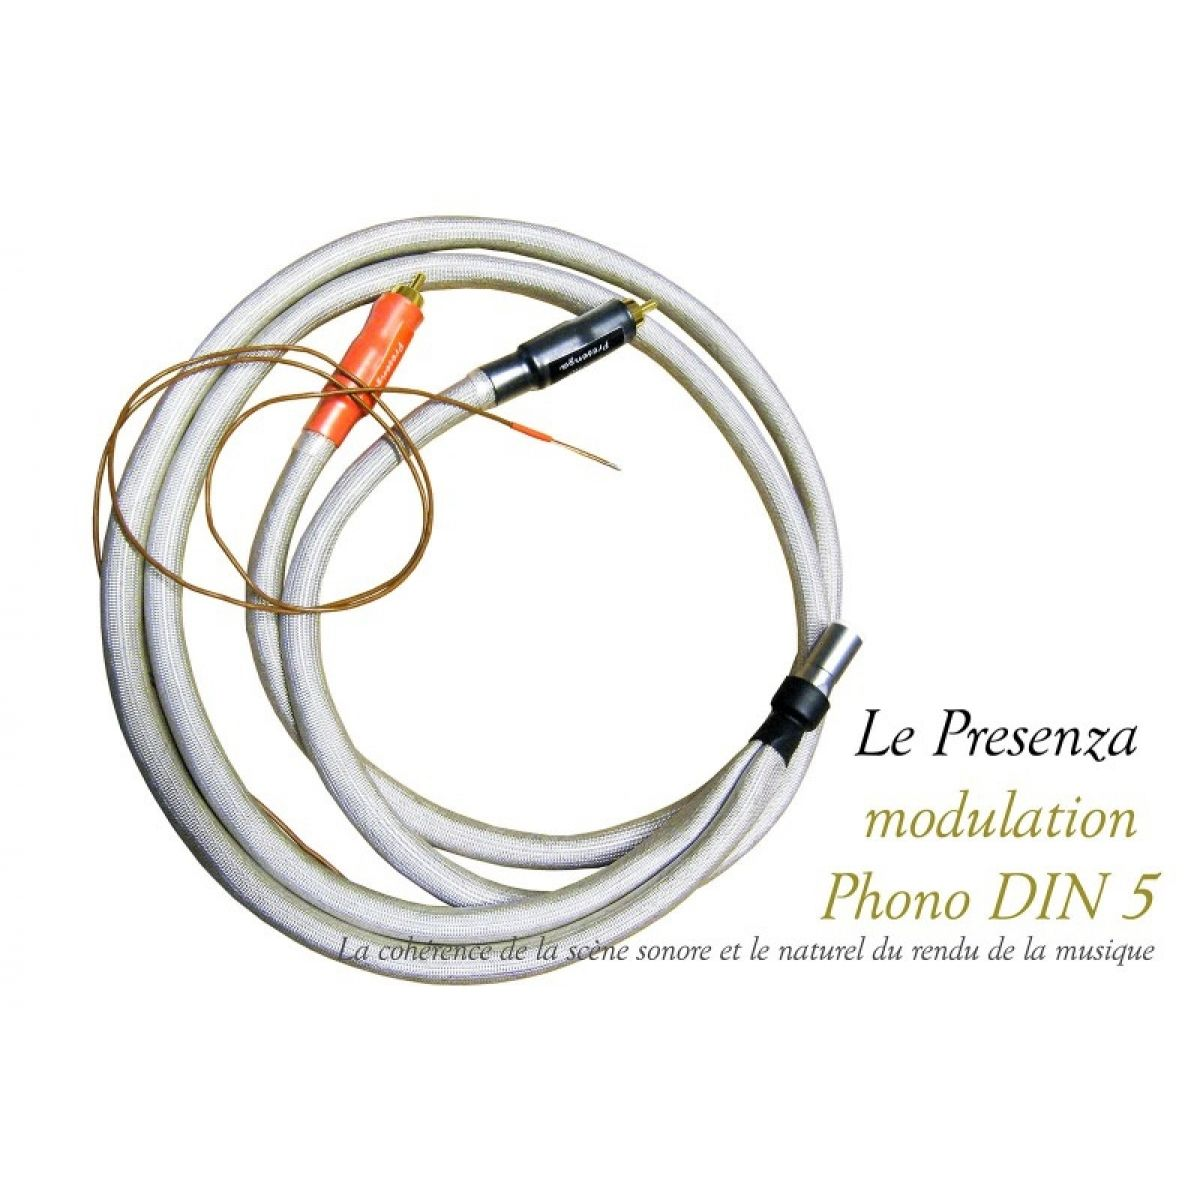 Legato Presenza modulation phono DIN 5 broches